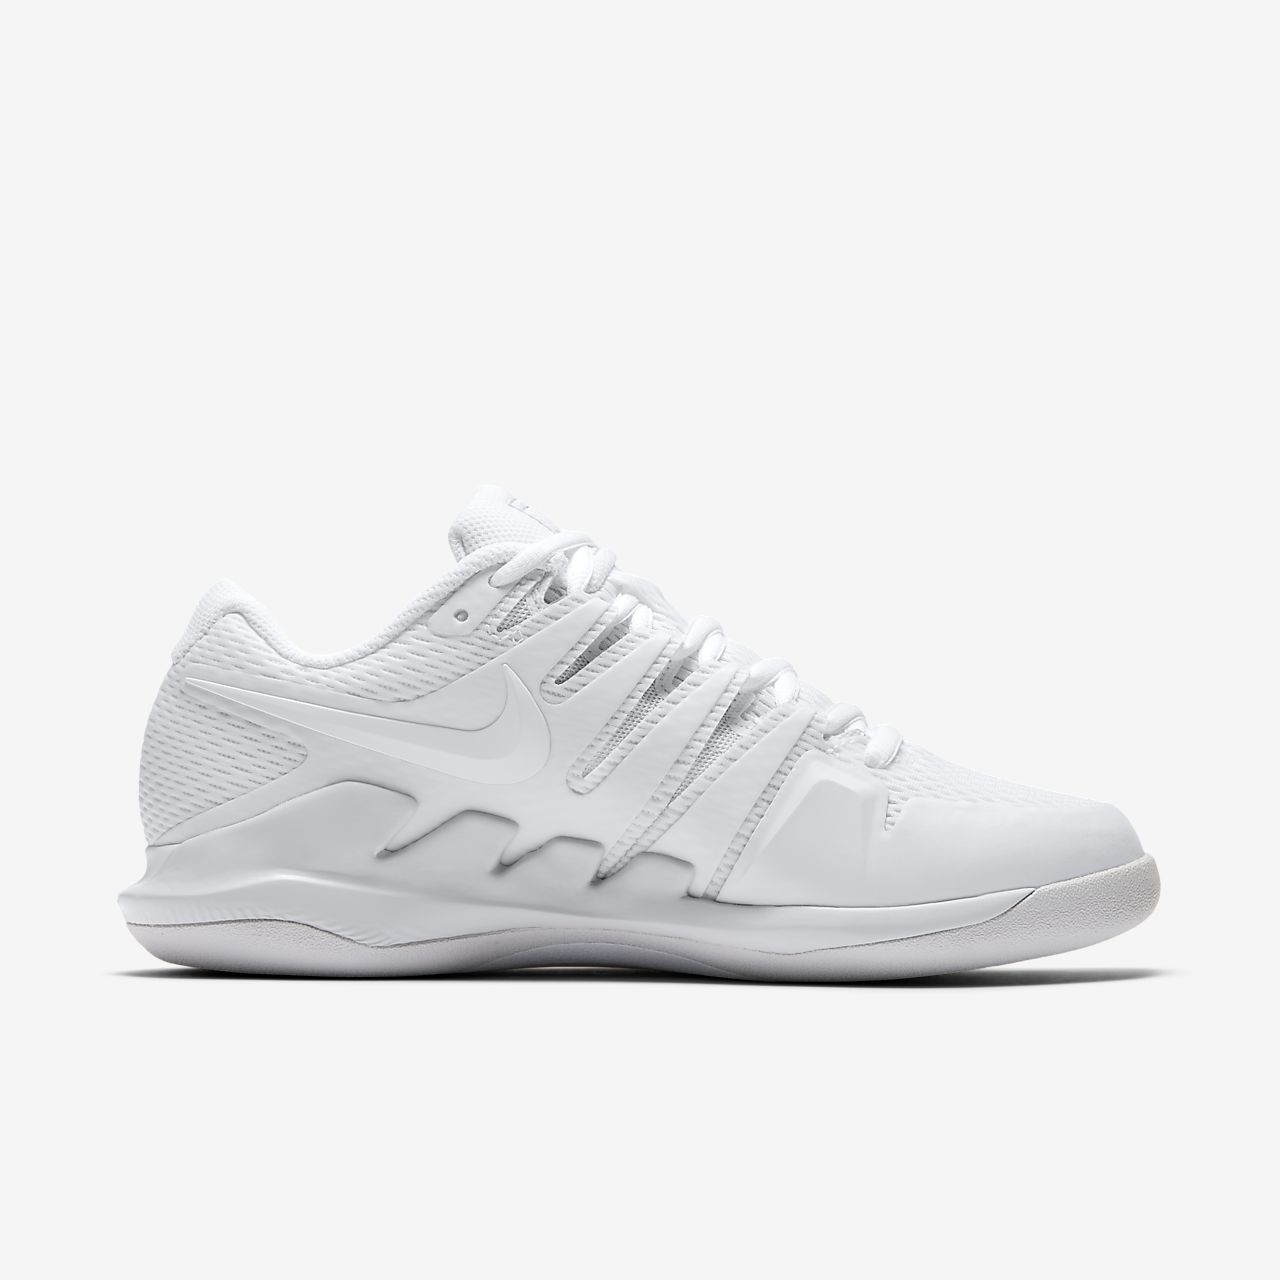 Air Carpet Vapor Nike Chaussure Tennis Zoom De 10 Pour Femme uFl1JTKc35